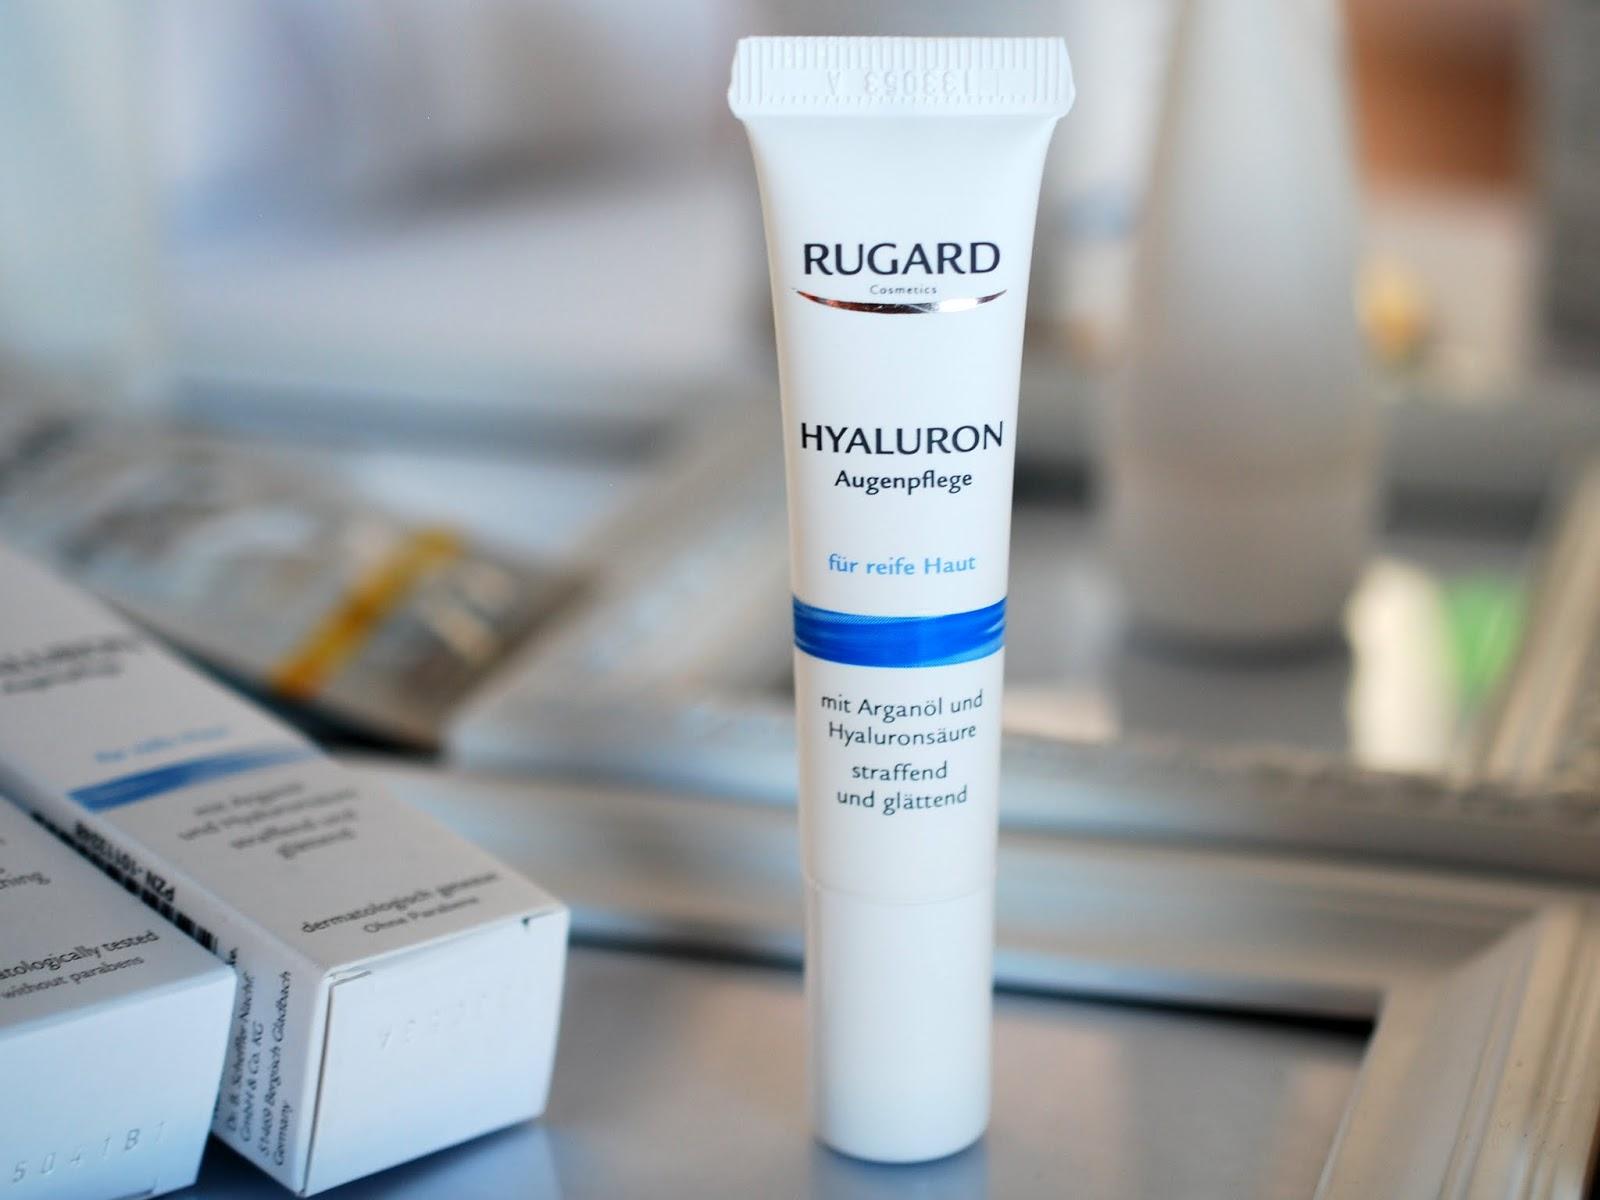 Rugard Hyaluron Augenpflege